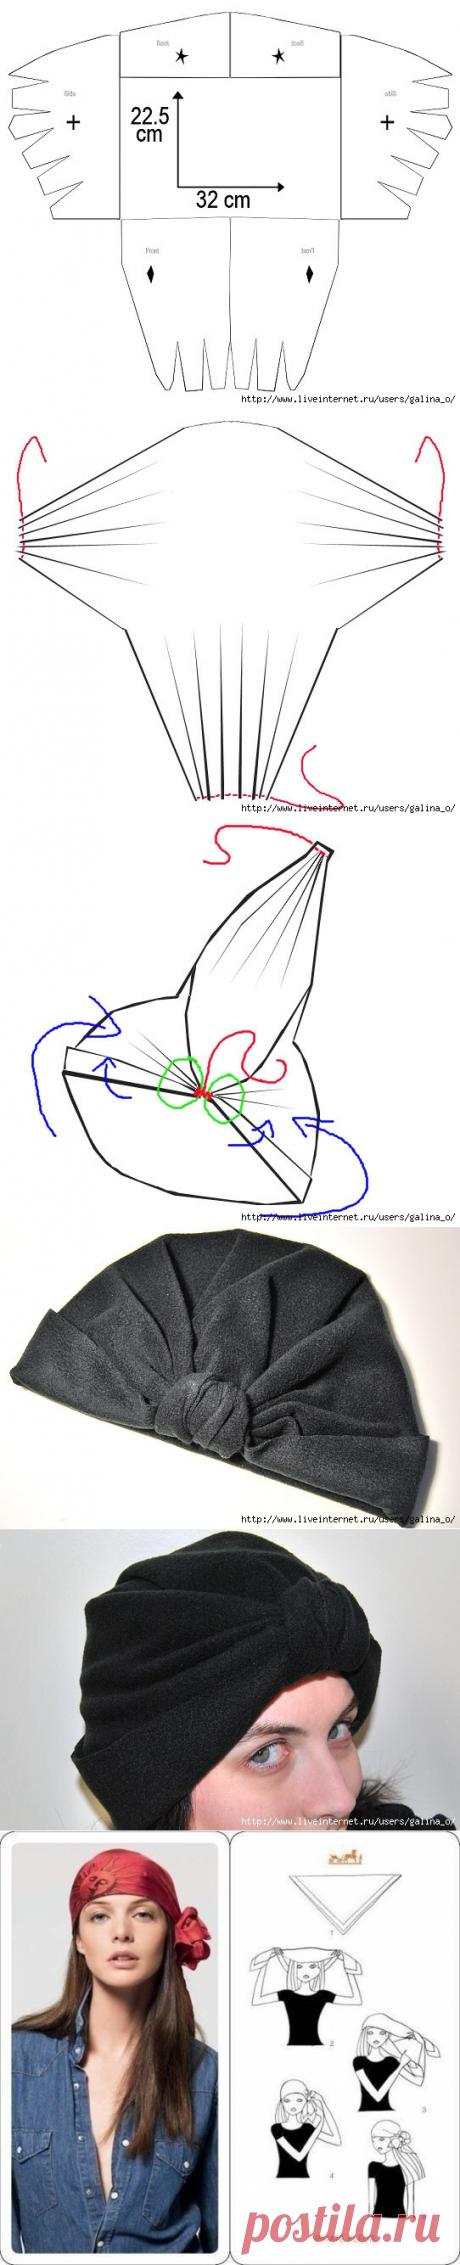 шляпки , шапки,шарфы и платки | Алина Ганичкина | Идеи и фотоинструкции бесплатно на Постиле